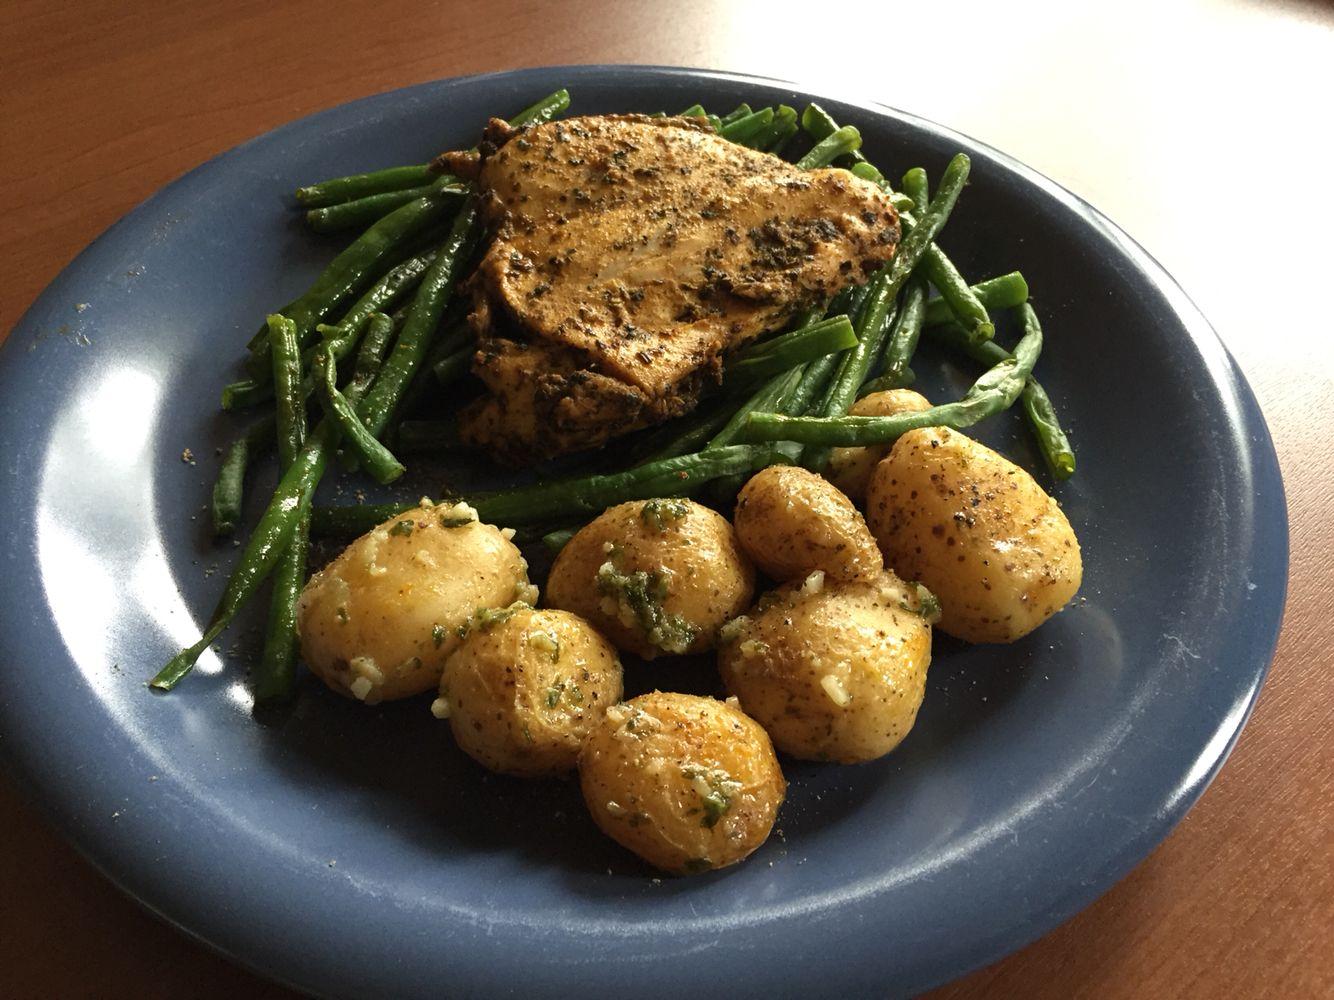 Chicken roze Marijn, my lunch today!